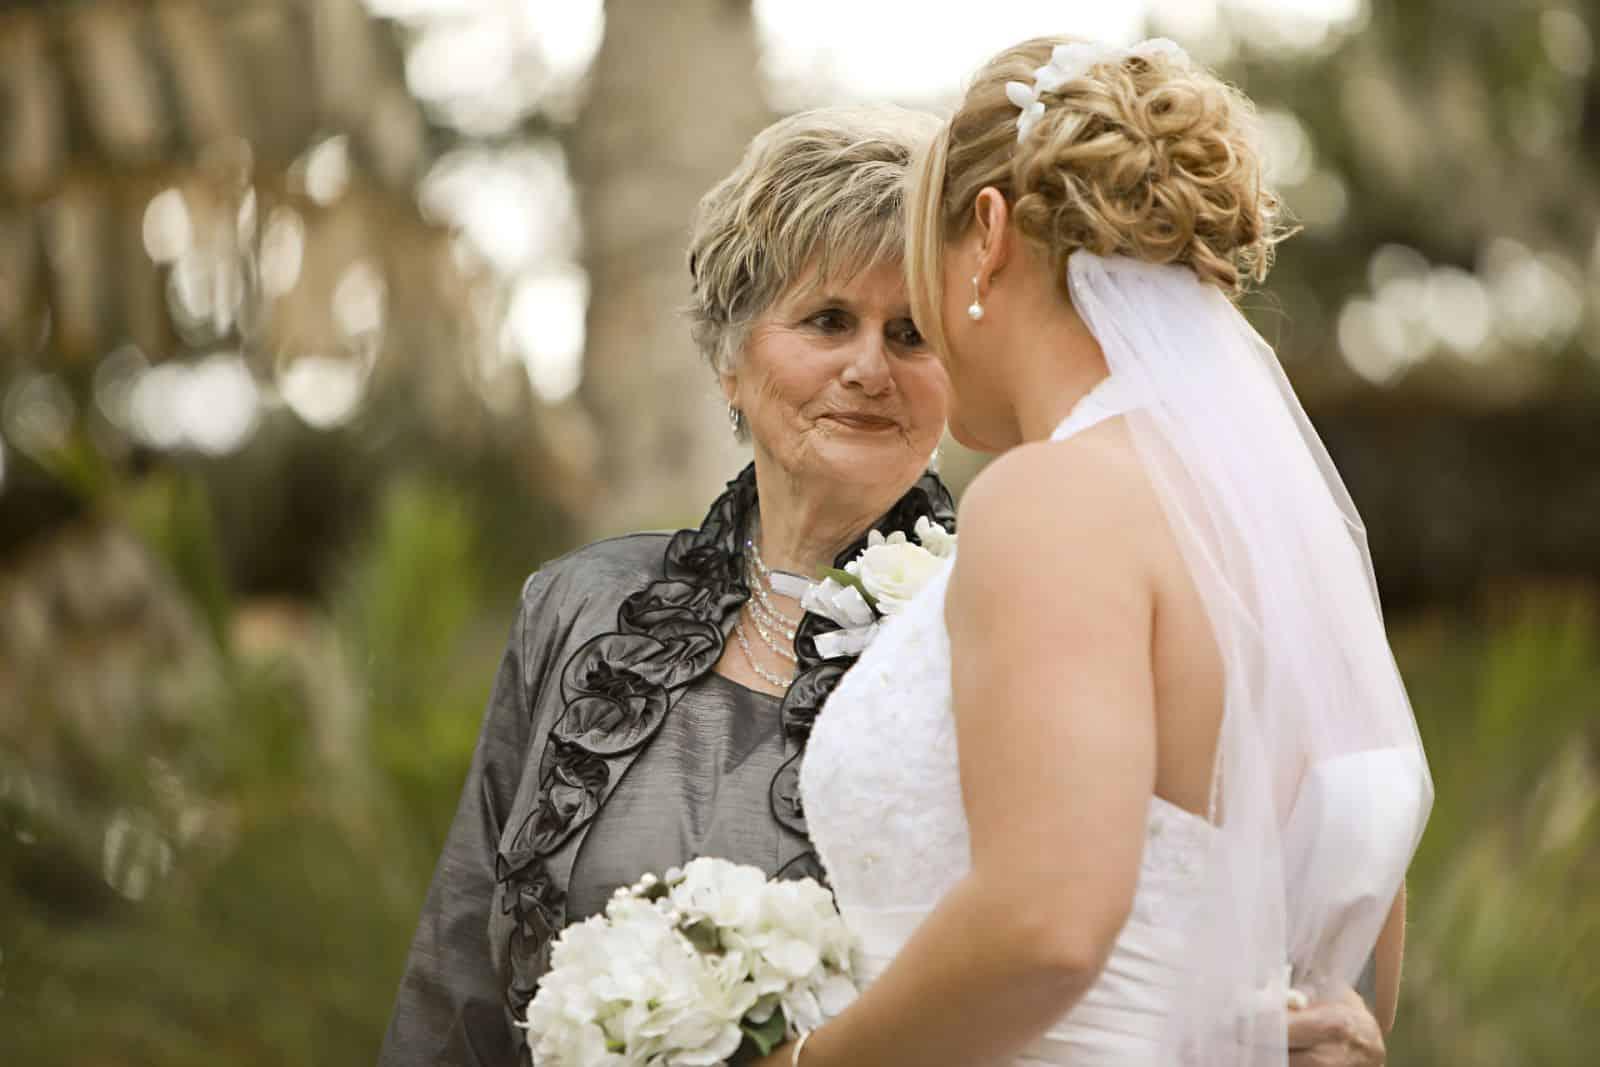 تشكيلة فخمة من فساتين السهرات المناسبة لأم العروس